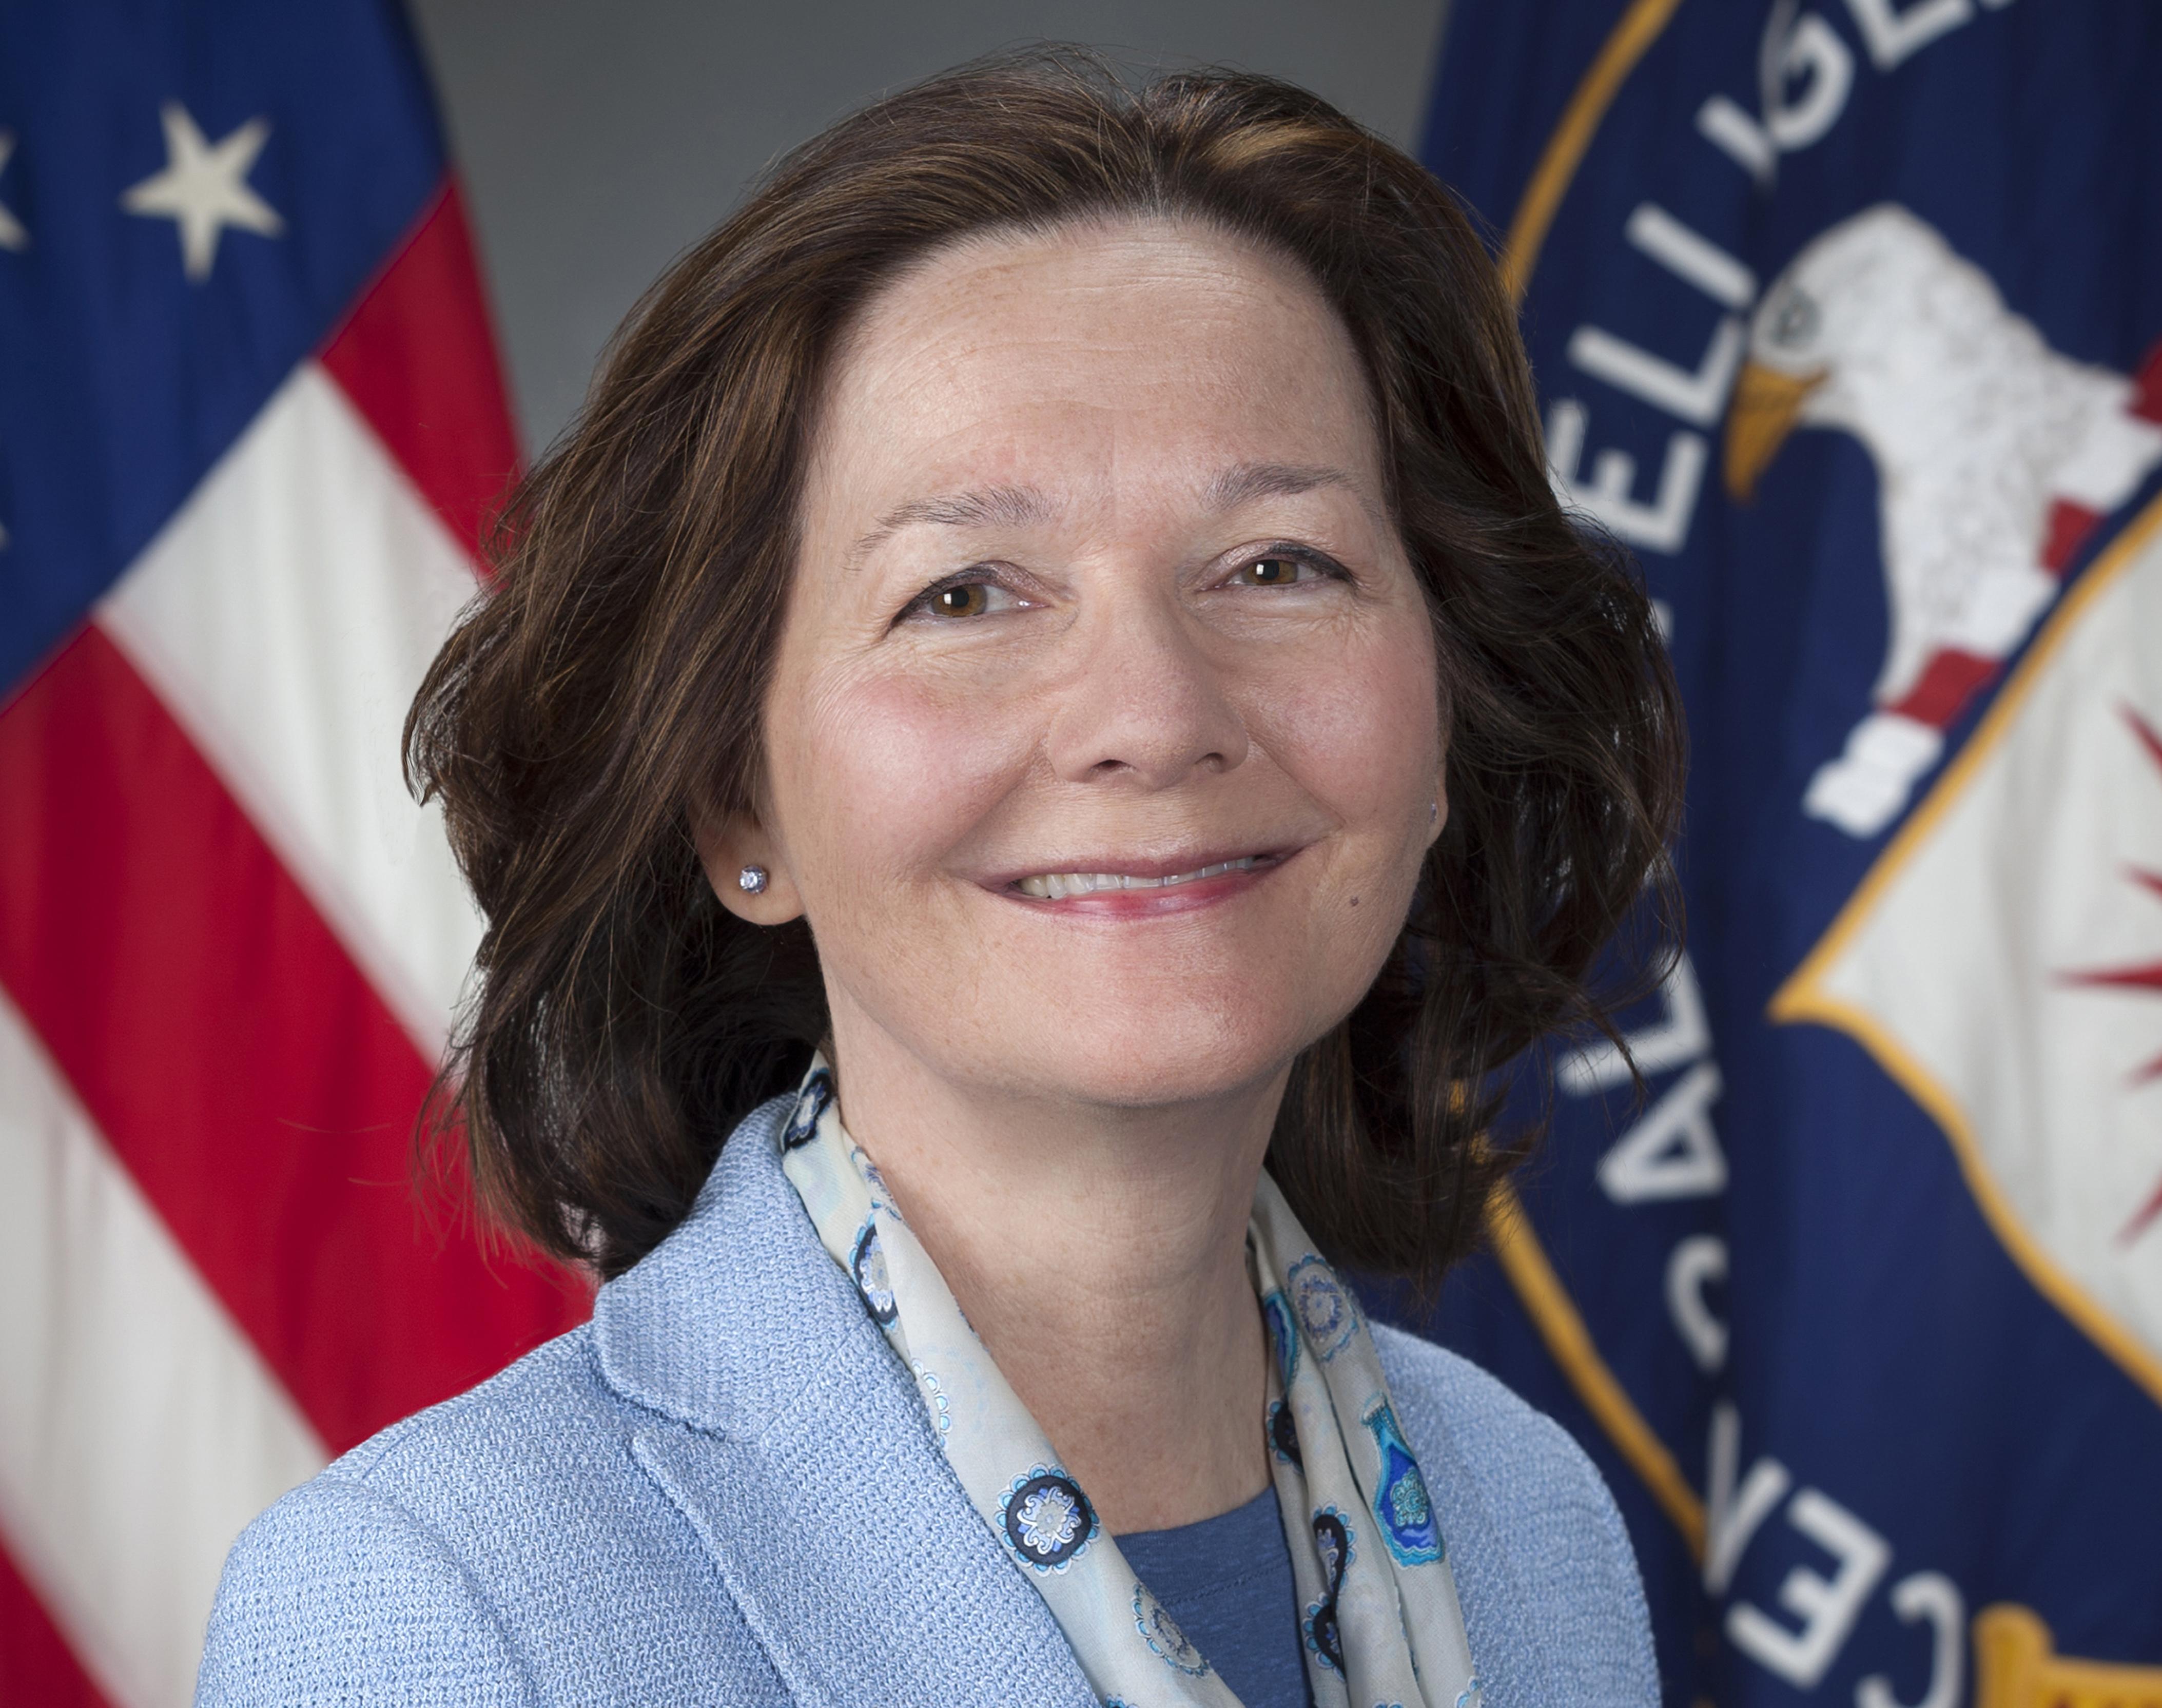 吉娜‧哈斯柏(Gina Haspel)將成為首位女性中情局長。美聯社